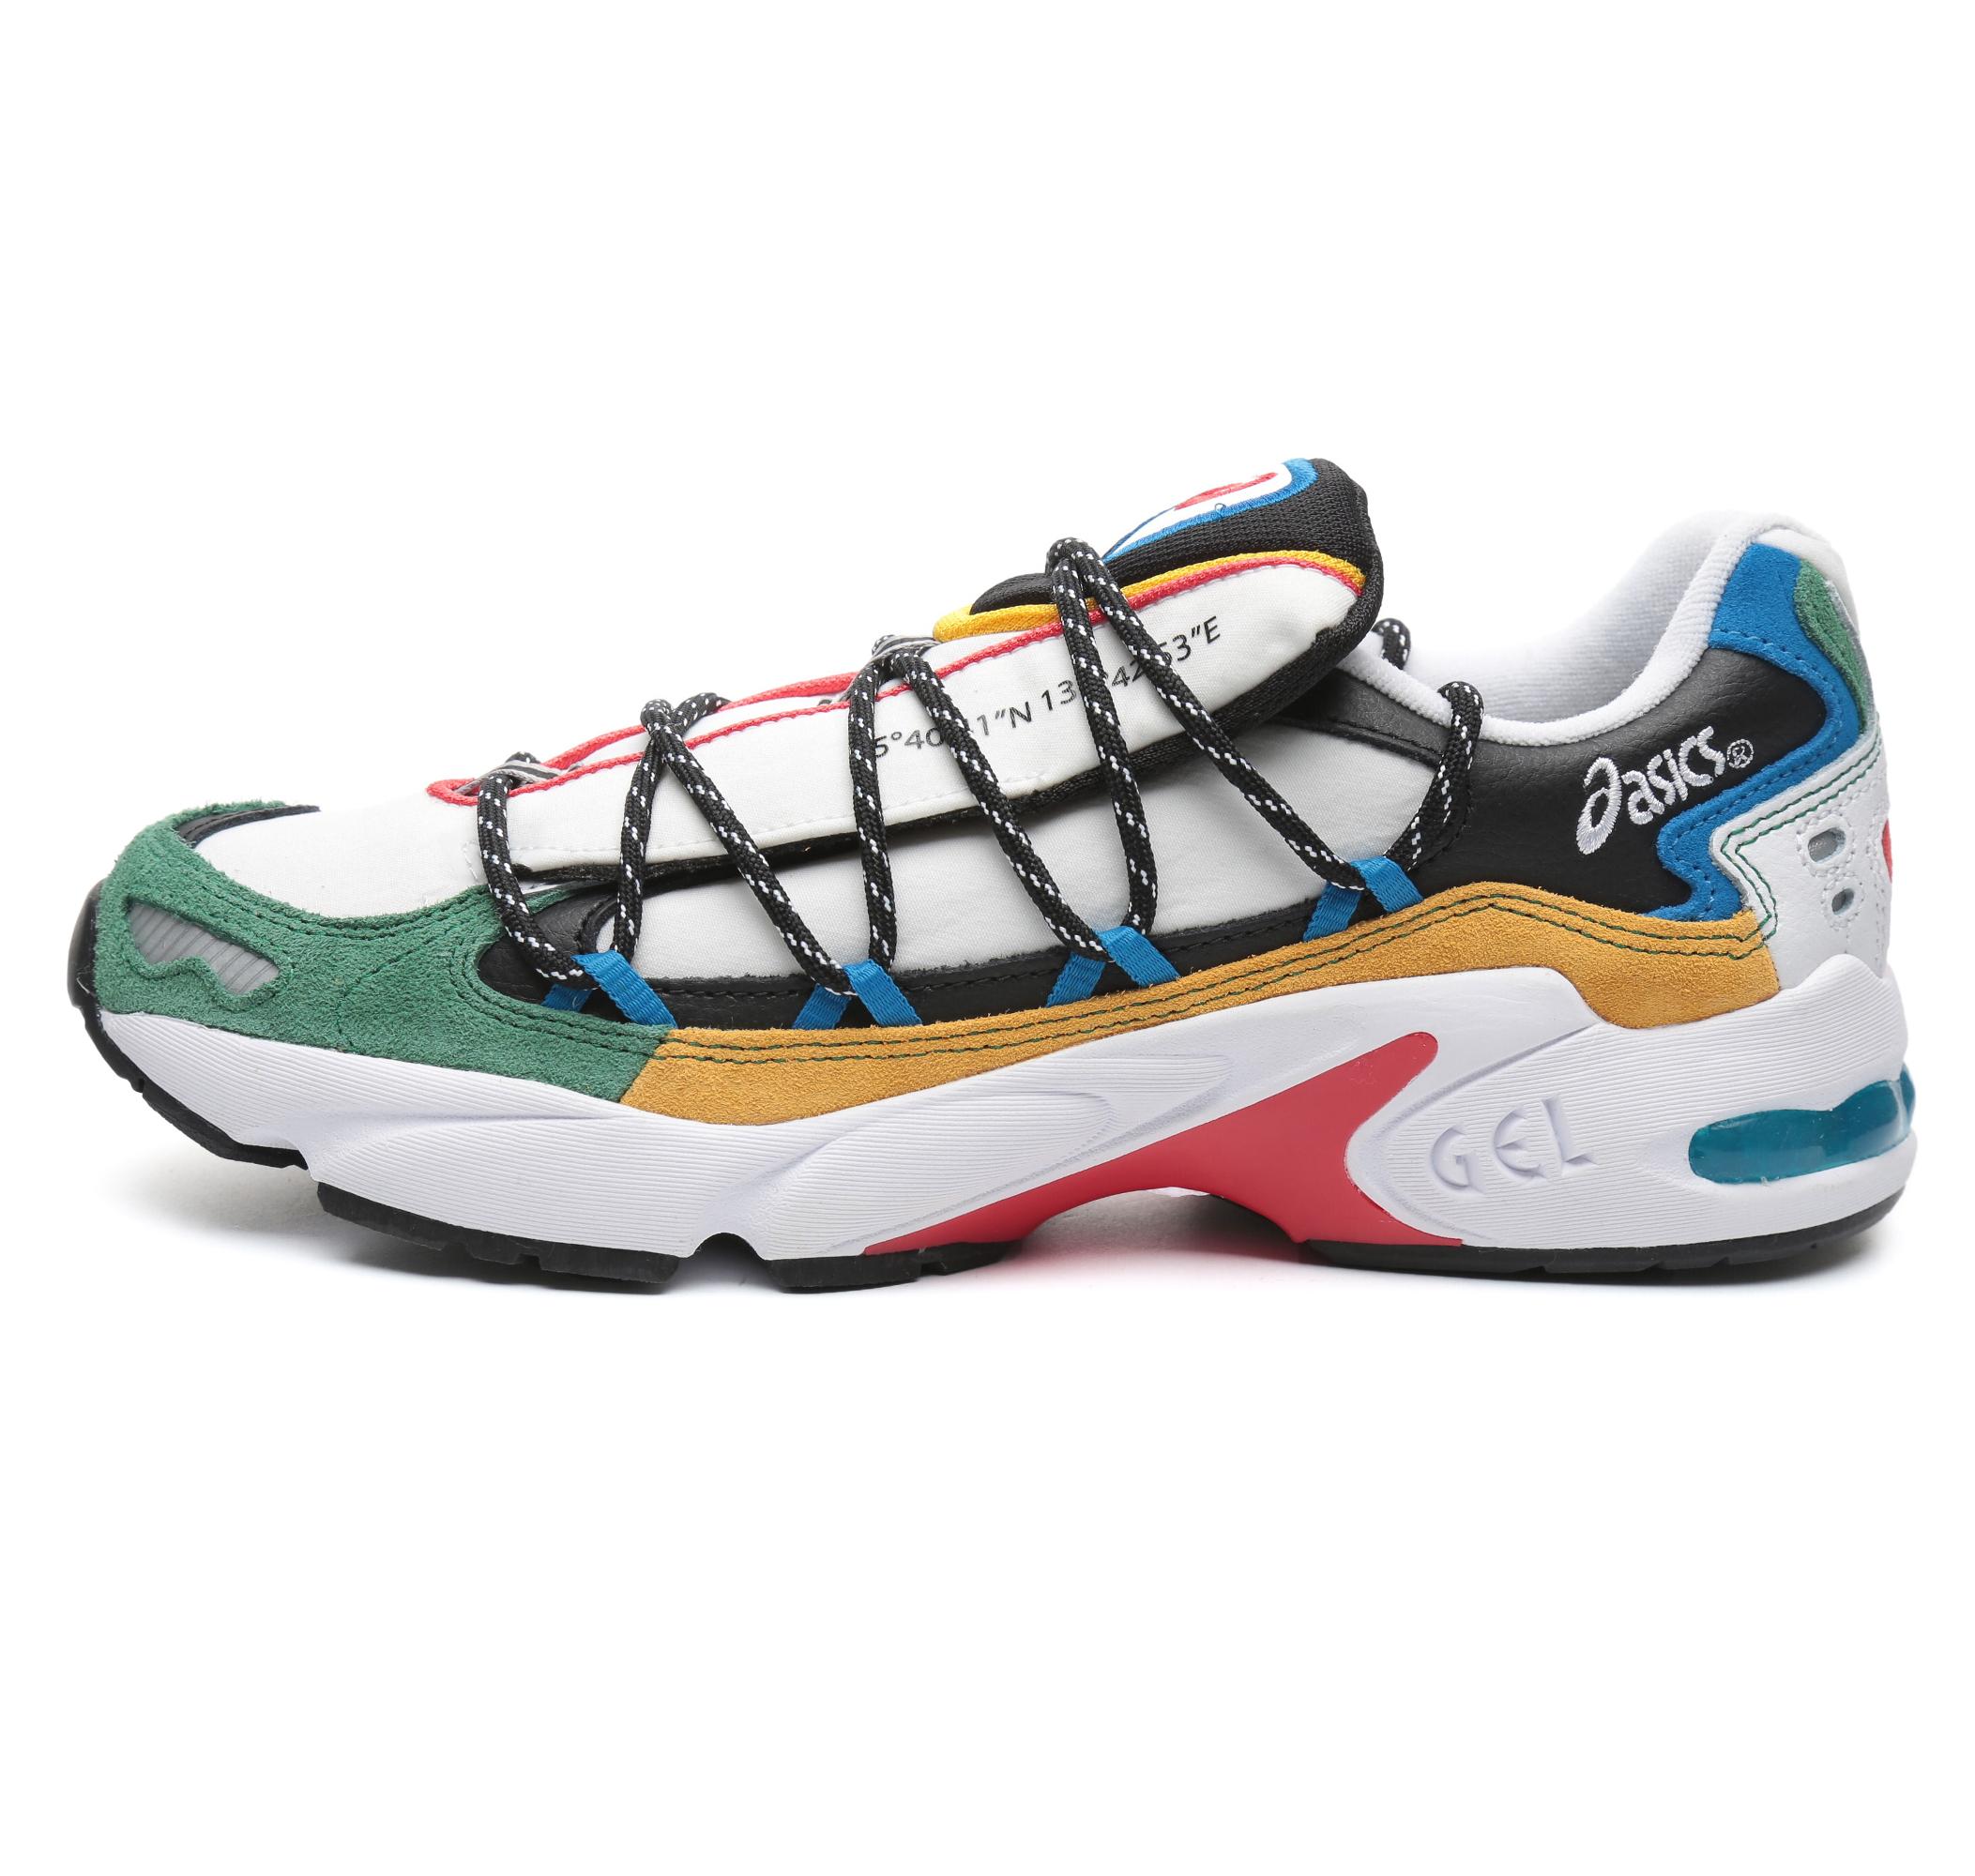 Gel-Kayano 5 Og Erkek Spor Ayakkabı Beyaz